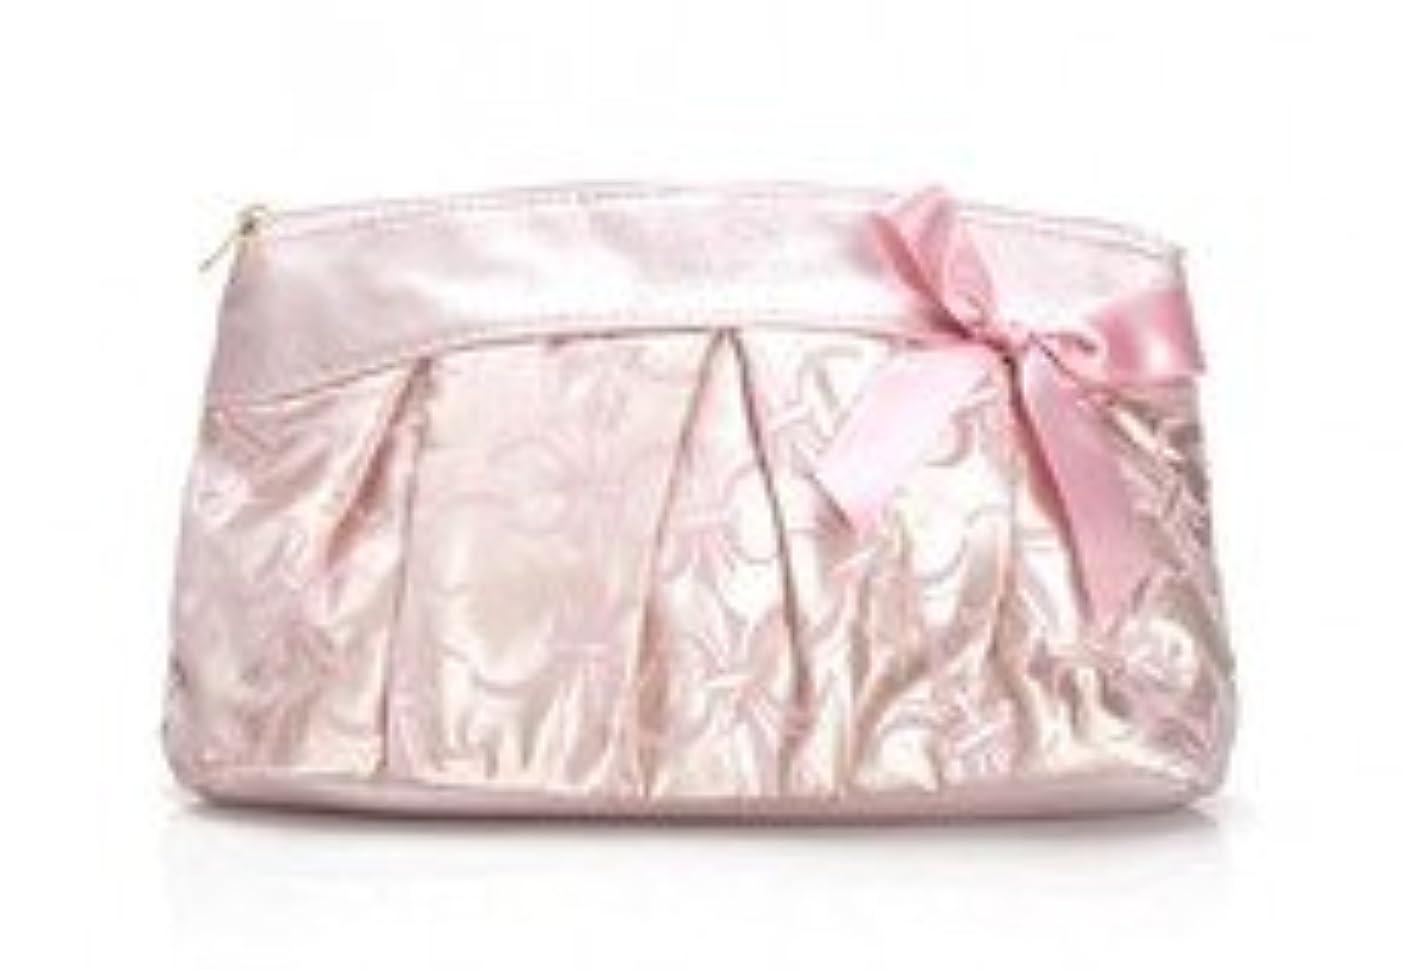 君主高める手荷物SABON サテン素材のキュート系お化粧ポーチ☆ピンク イスラエル発 並行輸入品 海外直送